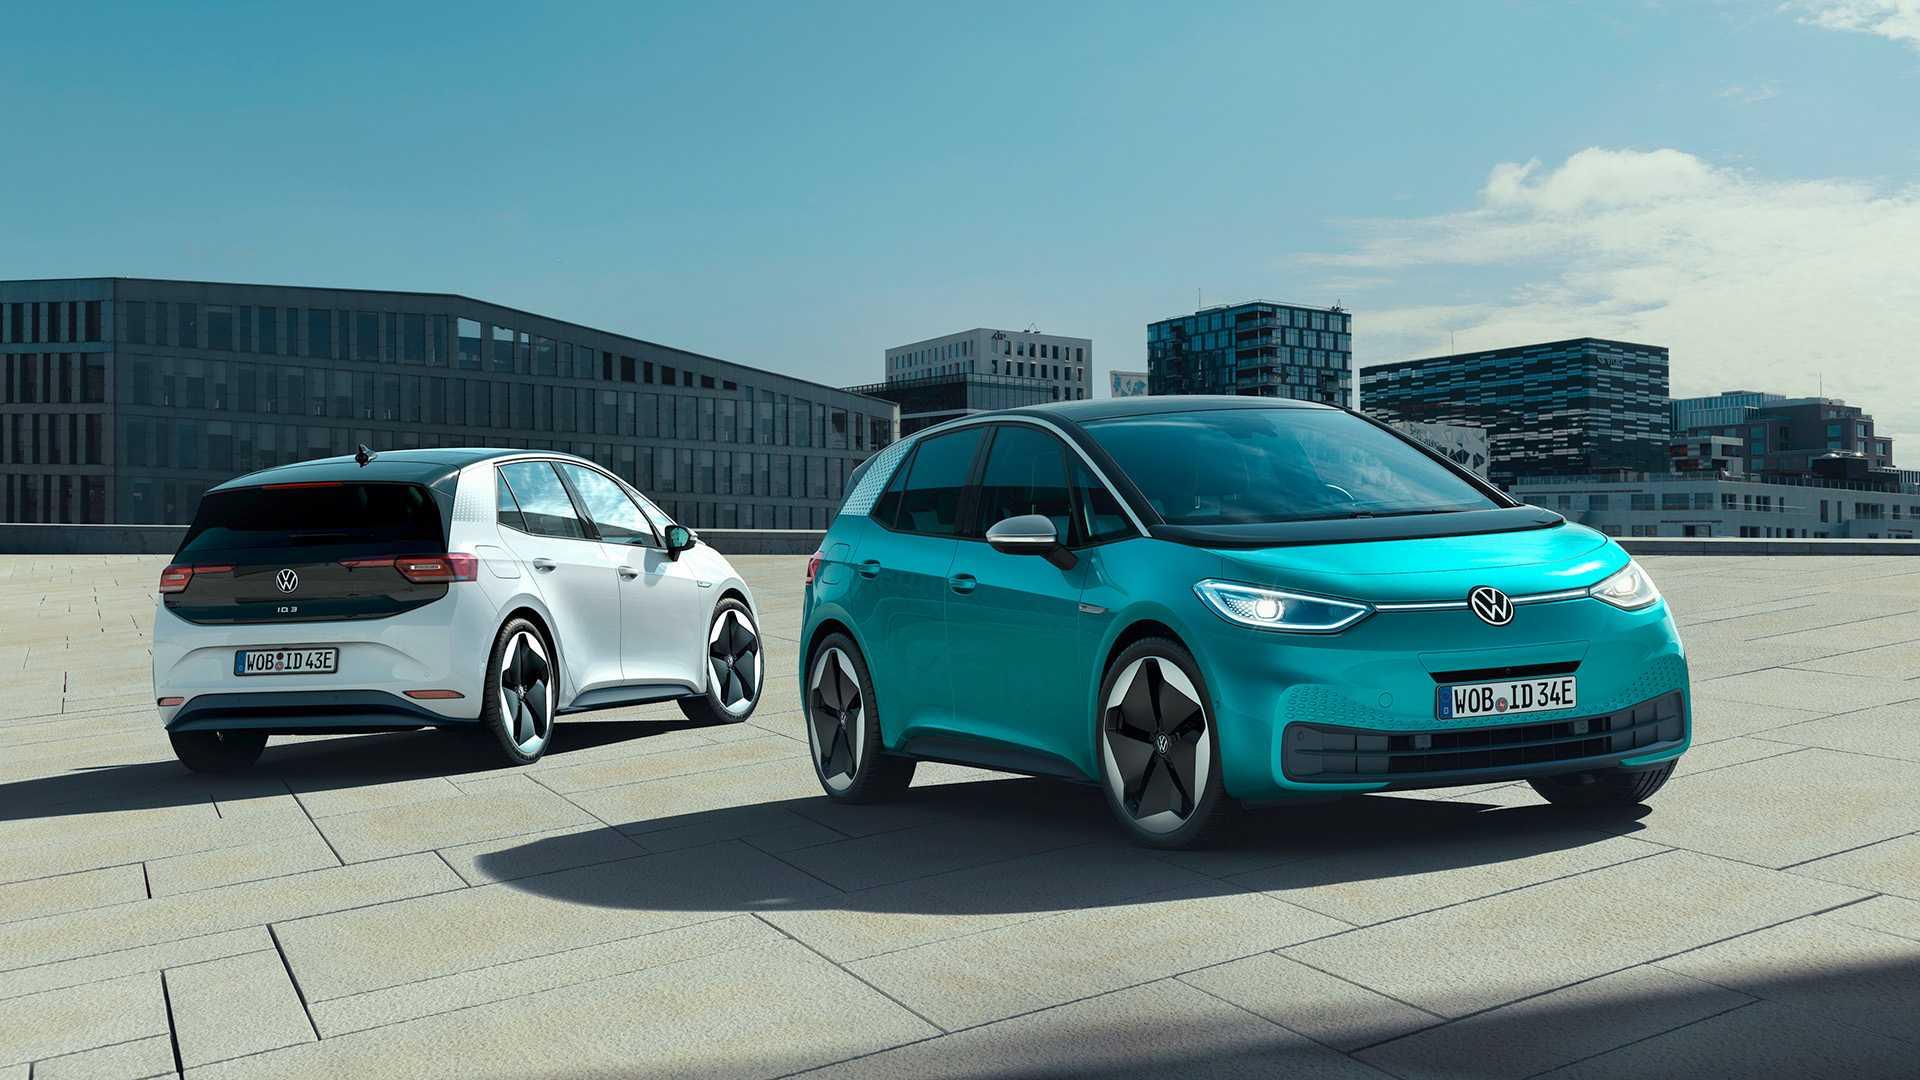 Xe điện Volkswagen ID.3 chính thức ra mắt - 13